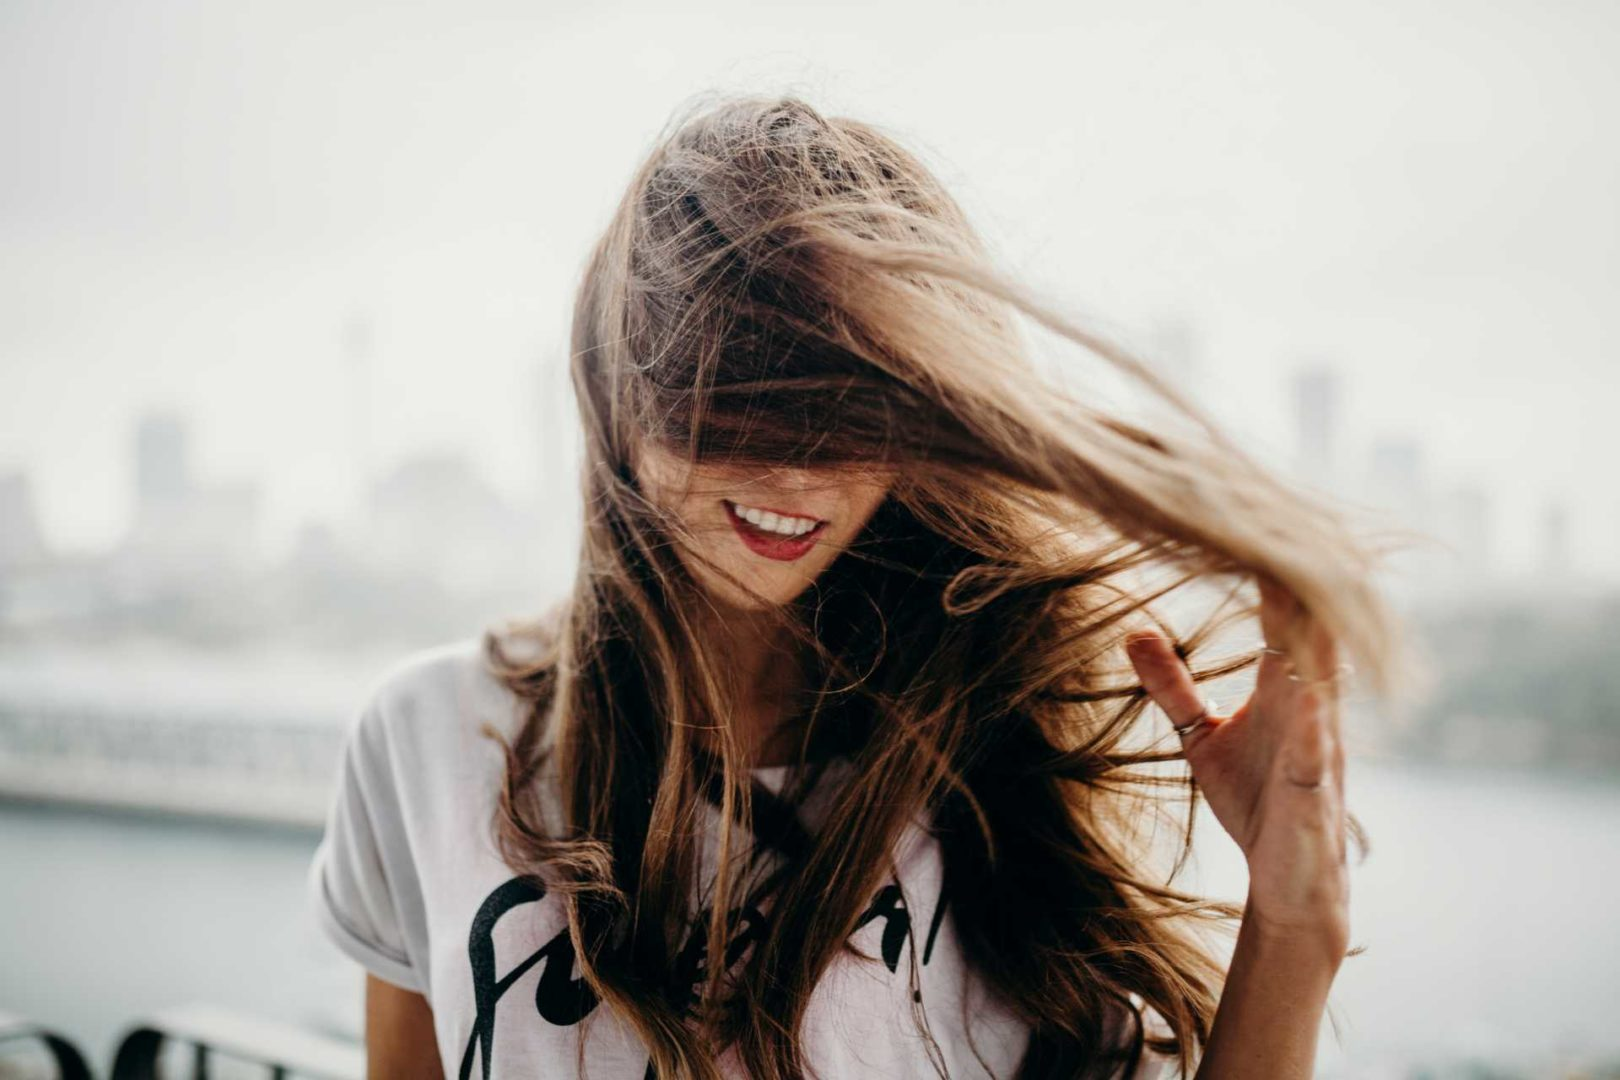 Tørr hodebunn eller tørt hår?